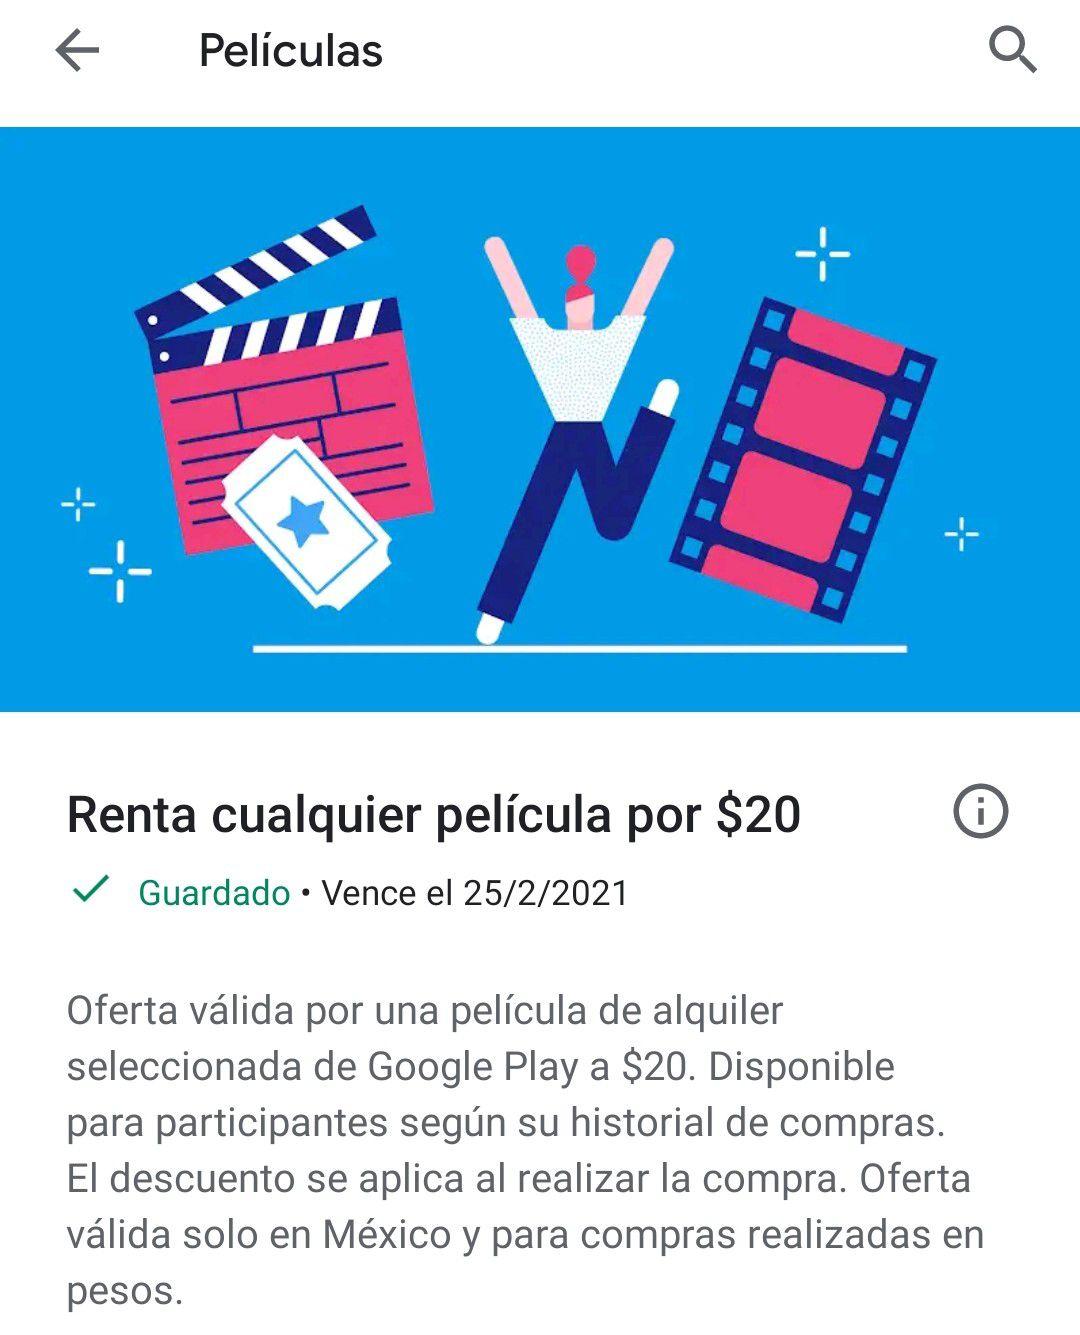 Google Play: Renta una película por $20 (usuarios seleccionados)